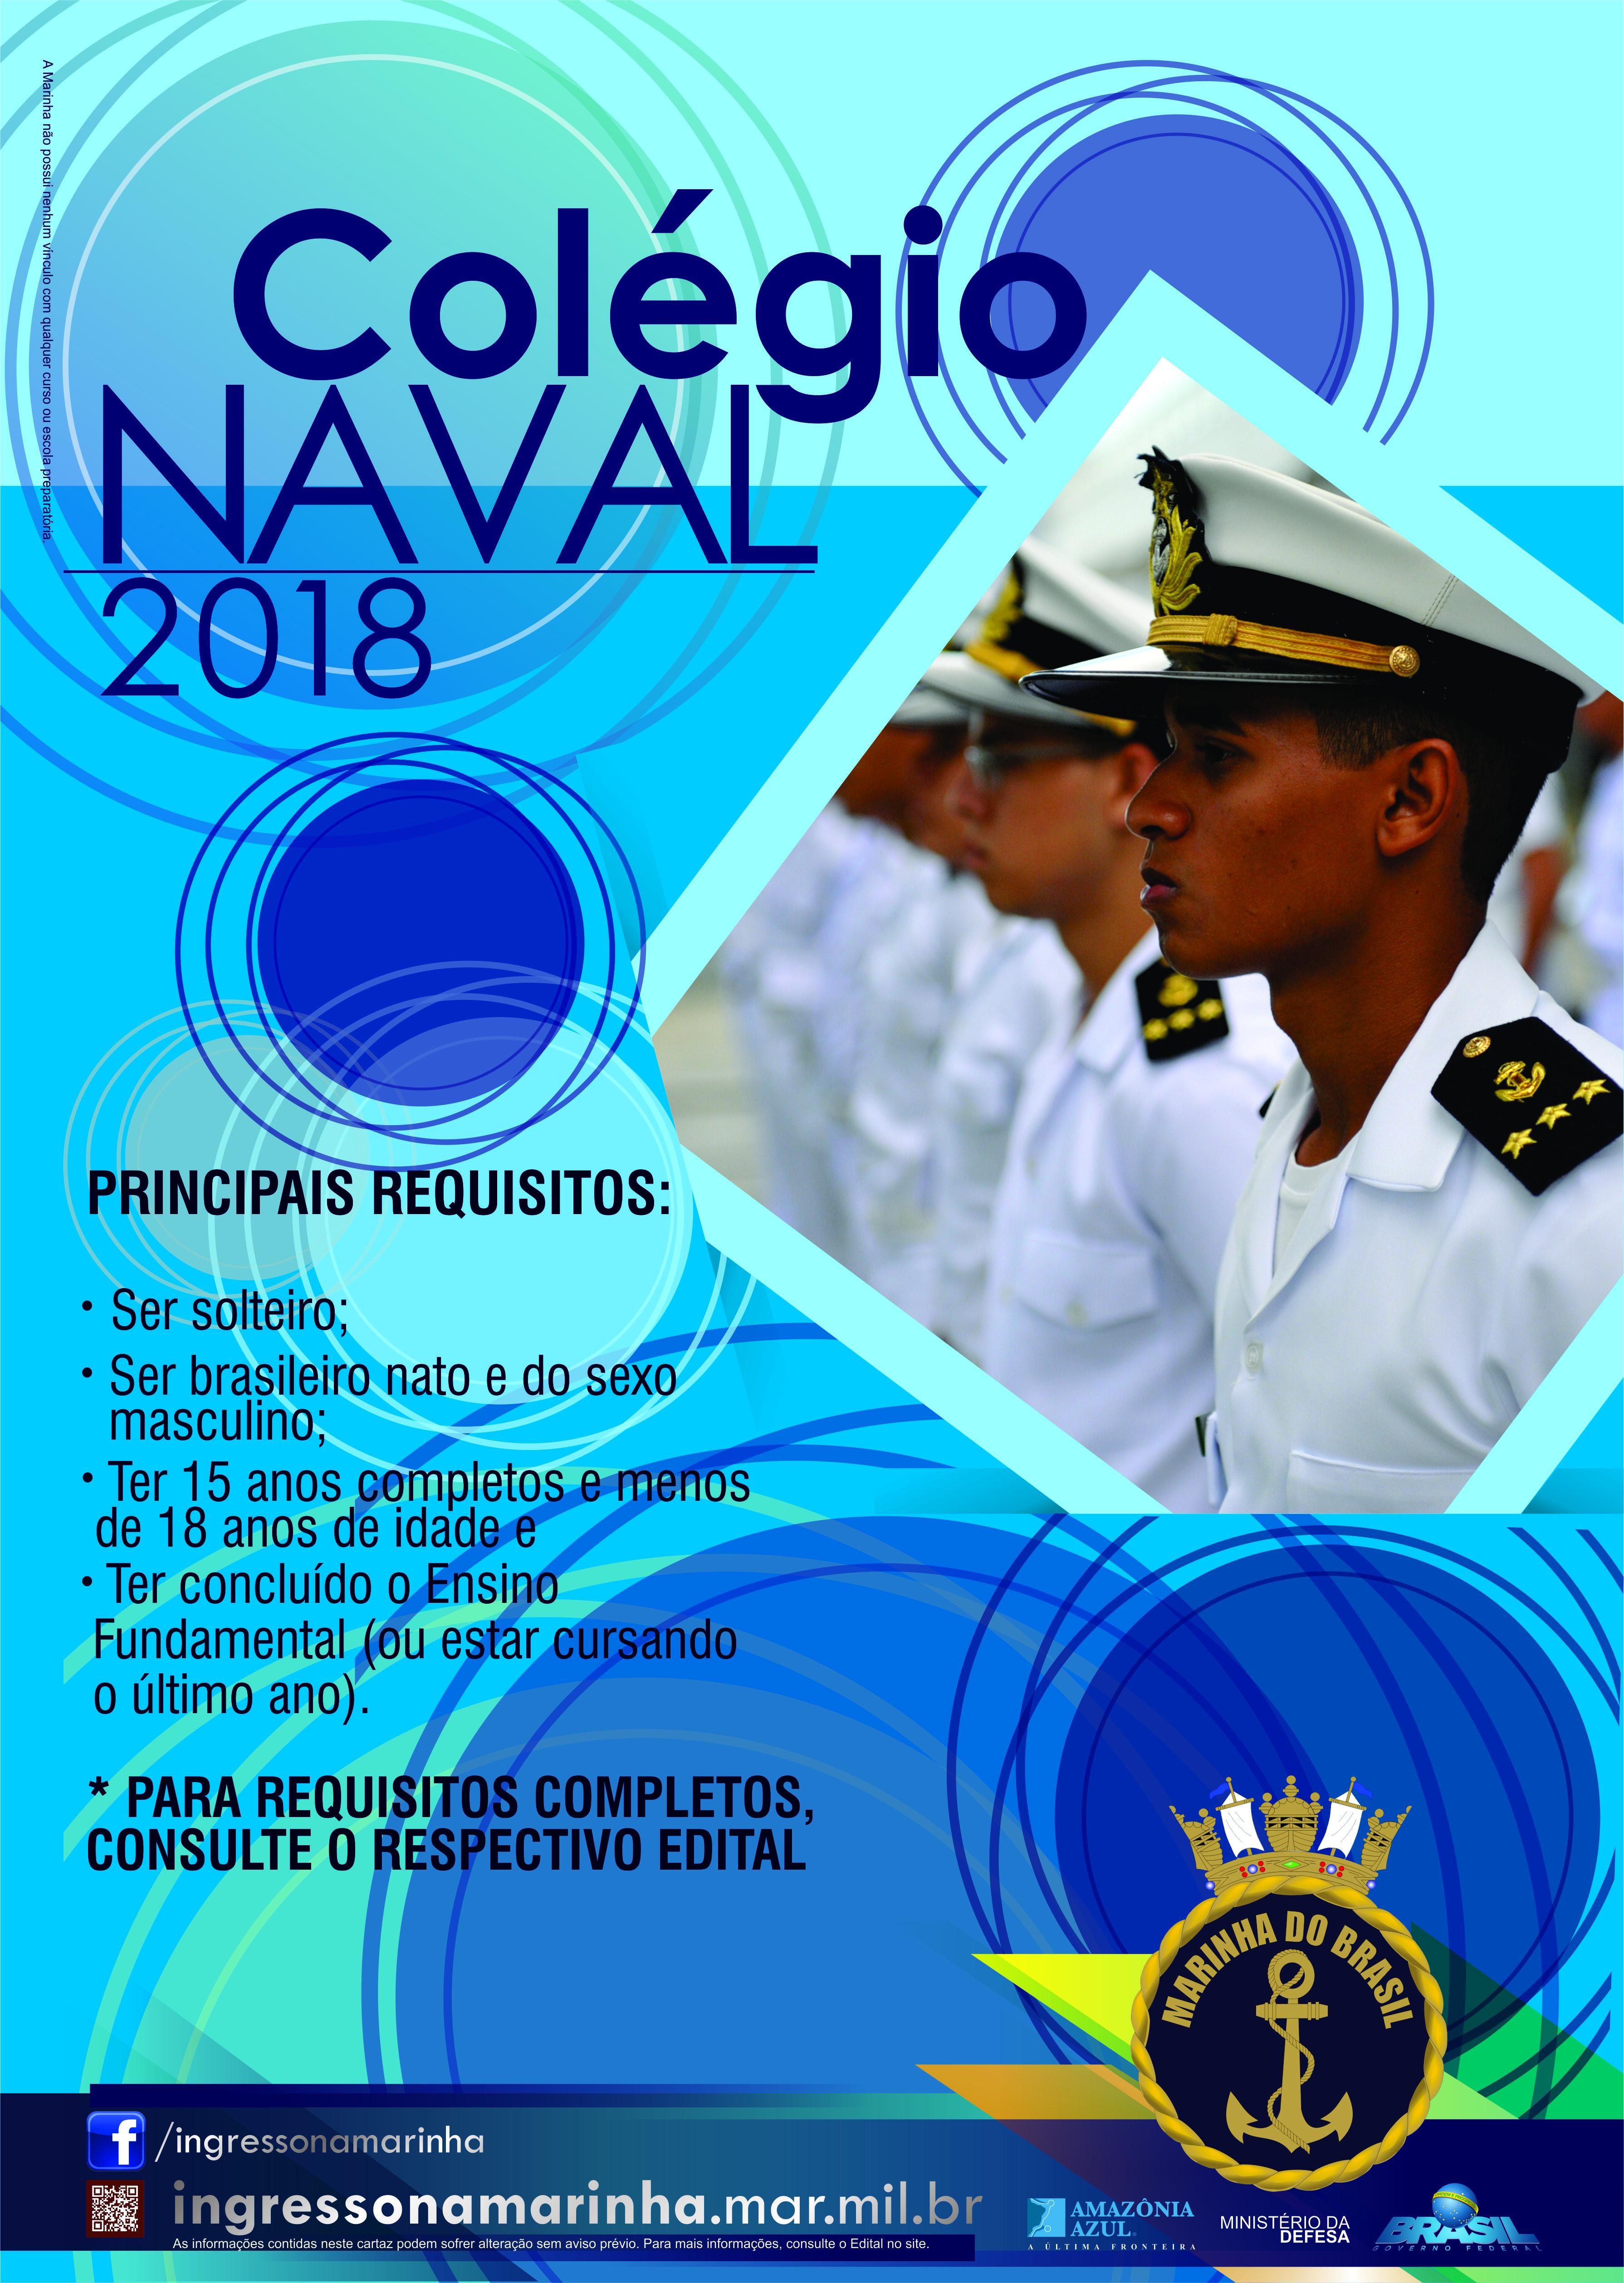 CARTAZ COLÉGIO NAVAL 2018 DISTRITOS.jpg